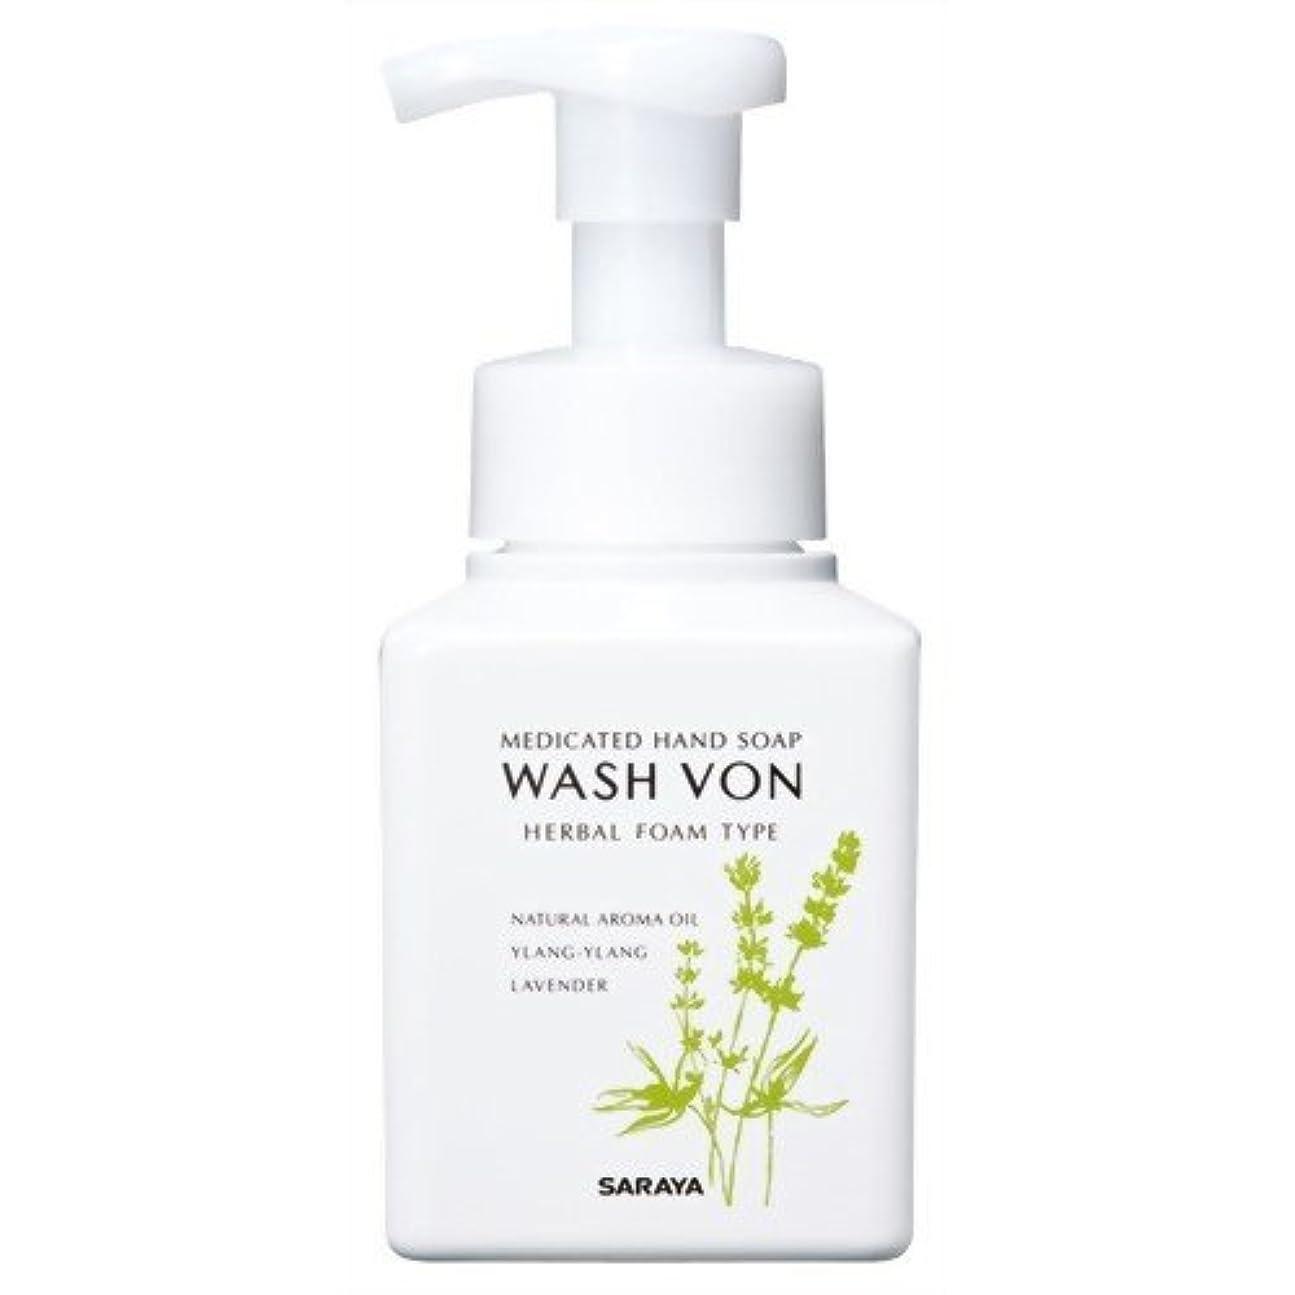 しおれた気性生理WASH VON ハーバル薬用ハンドソープ × 10個セット